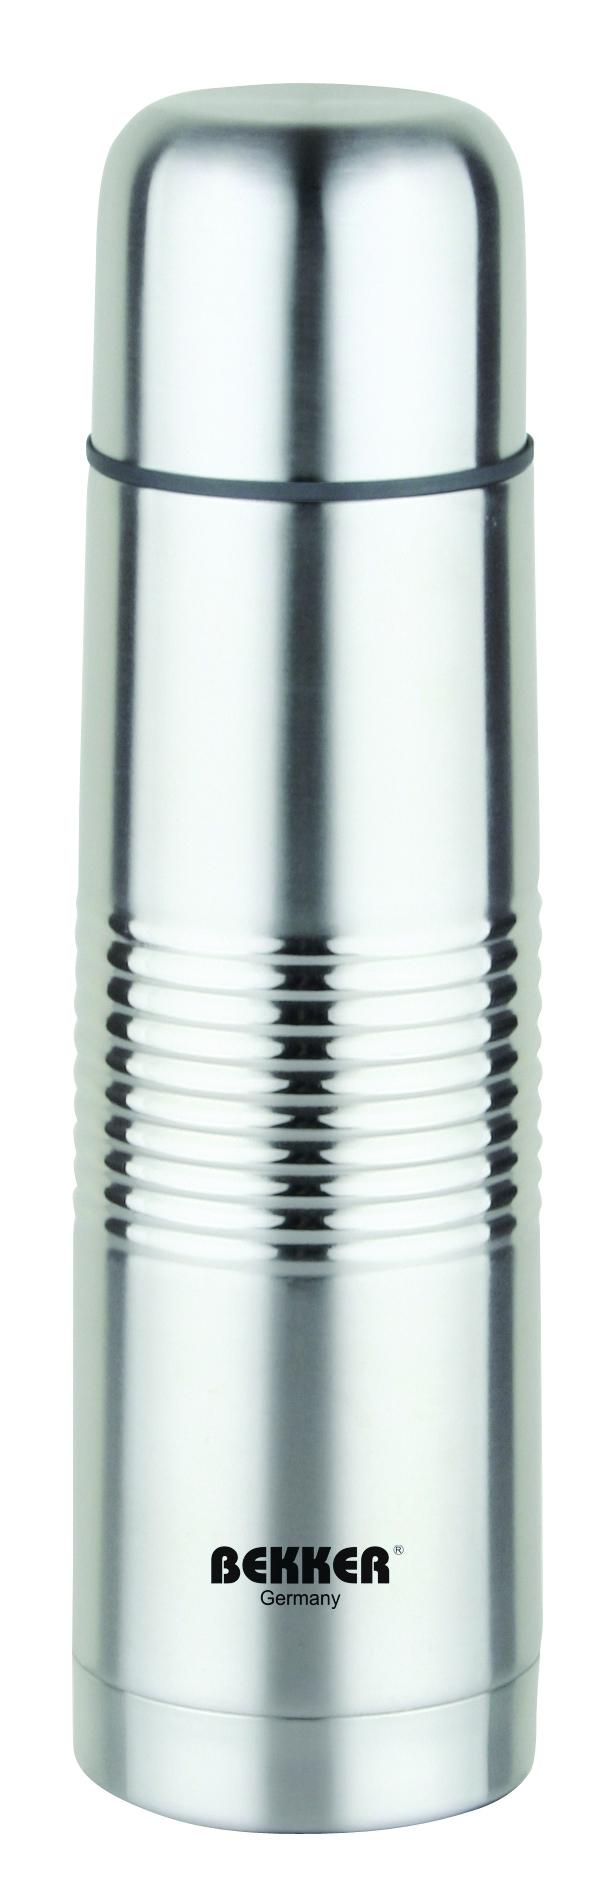 Термос металлический. BK-81 (0.5 L)BK-810,5л( для горячих и холодных напитков), крышка-чашка, вакуумная кнопка. Состав: нержав. сталь.